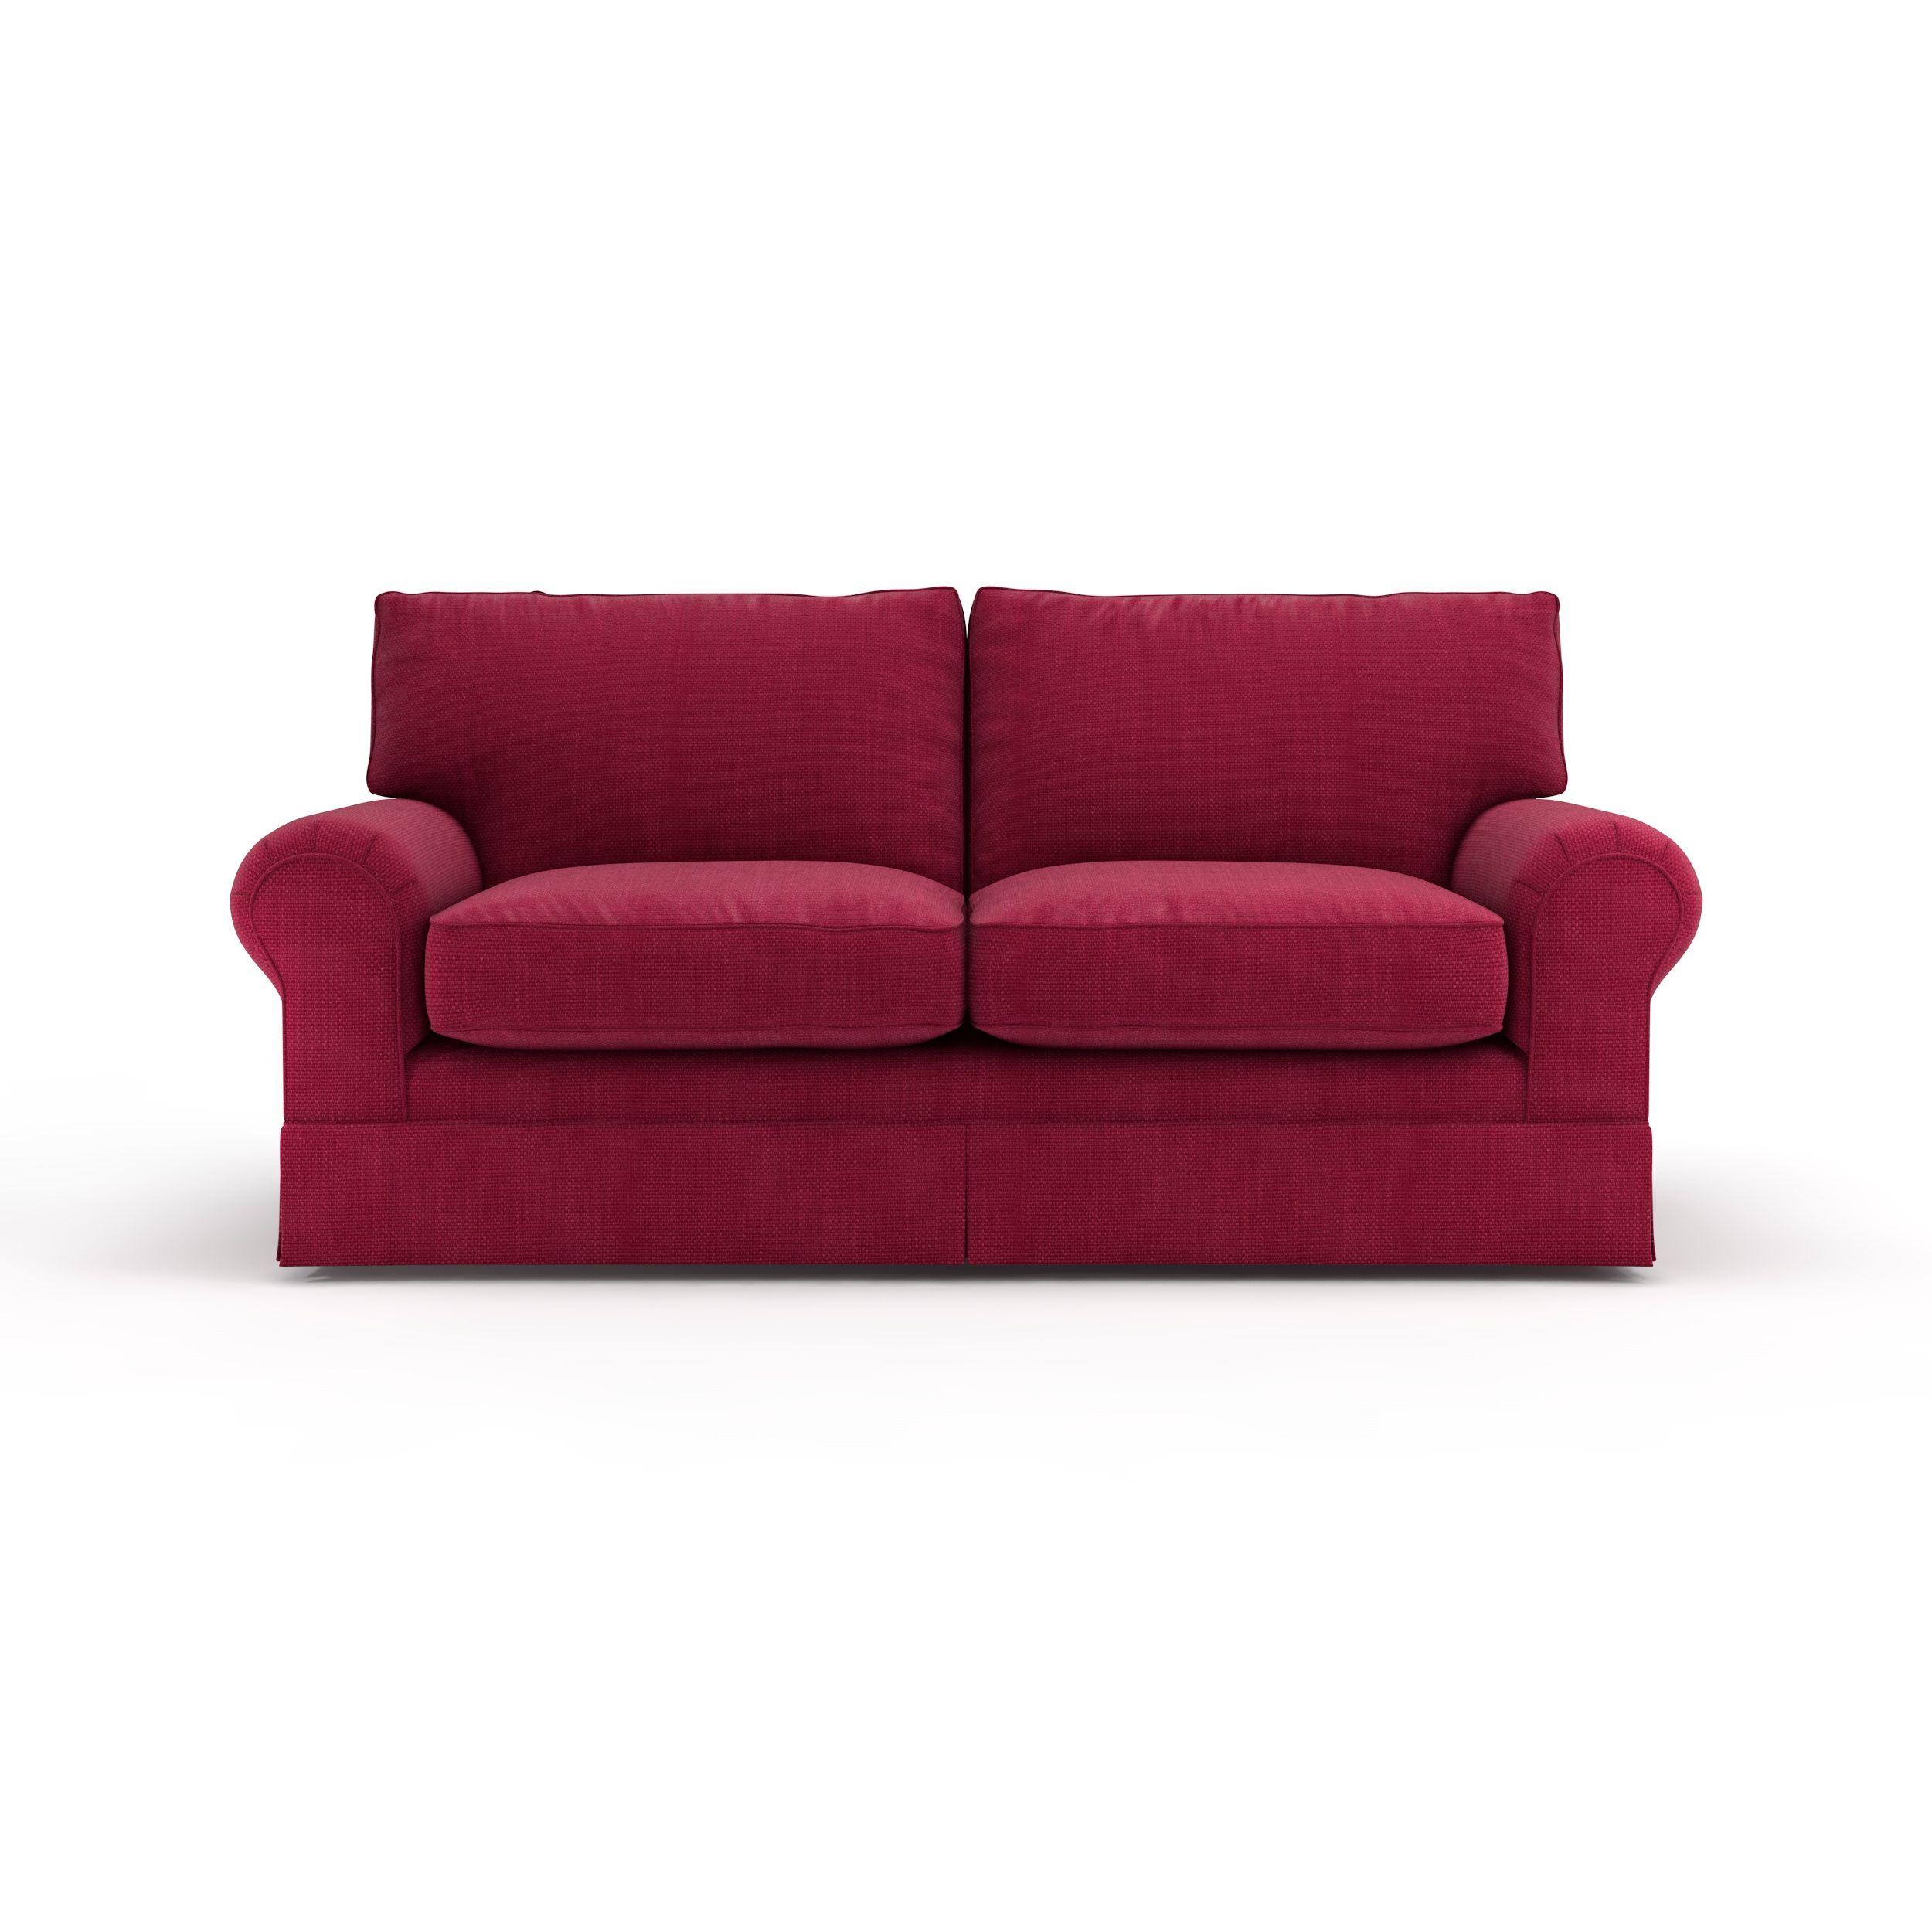 Kendal Fabric Large 2 Seater Sofa Seater Sofa 2 Seater Sofa